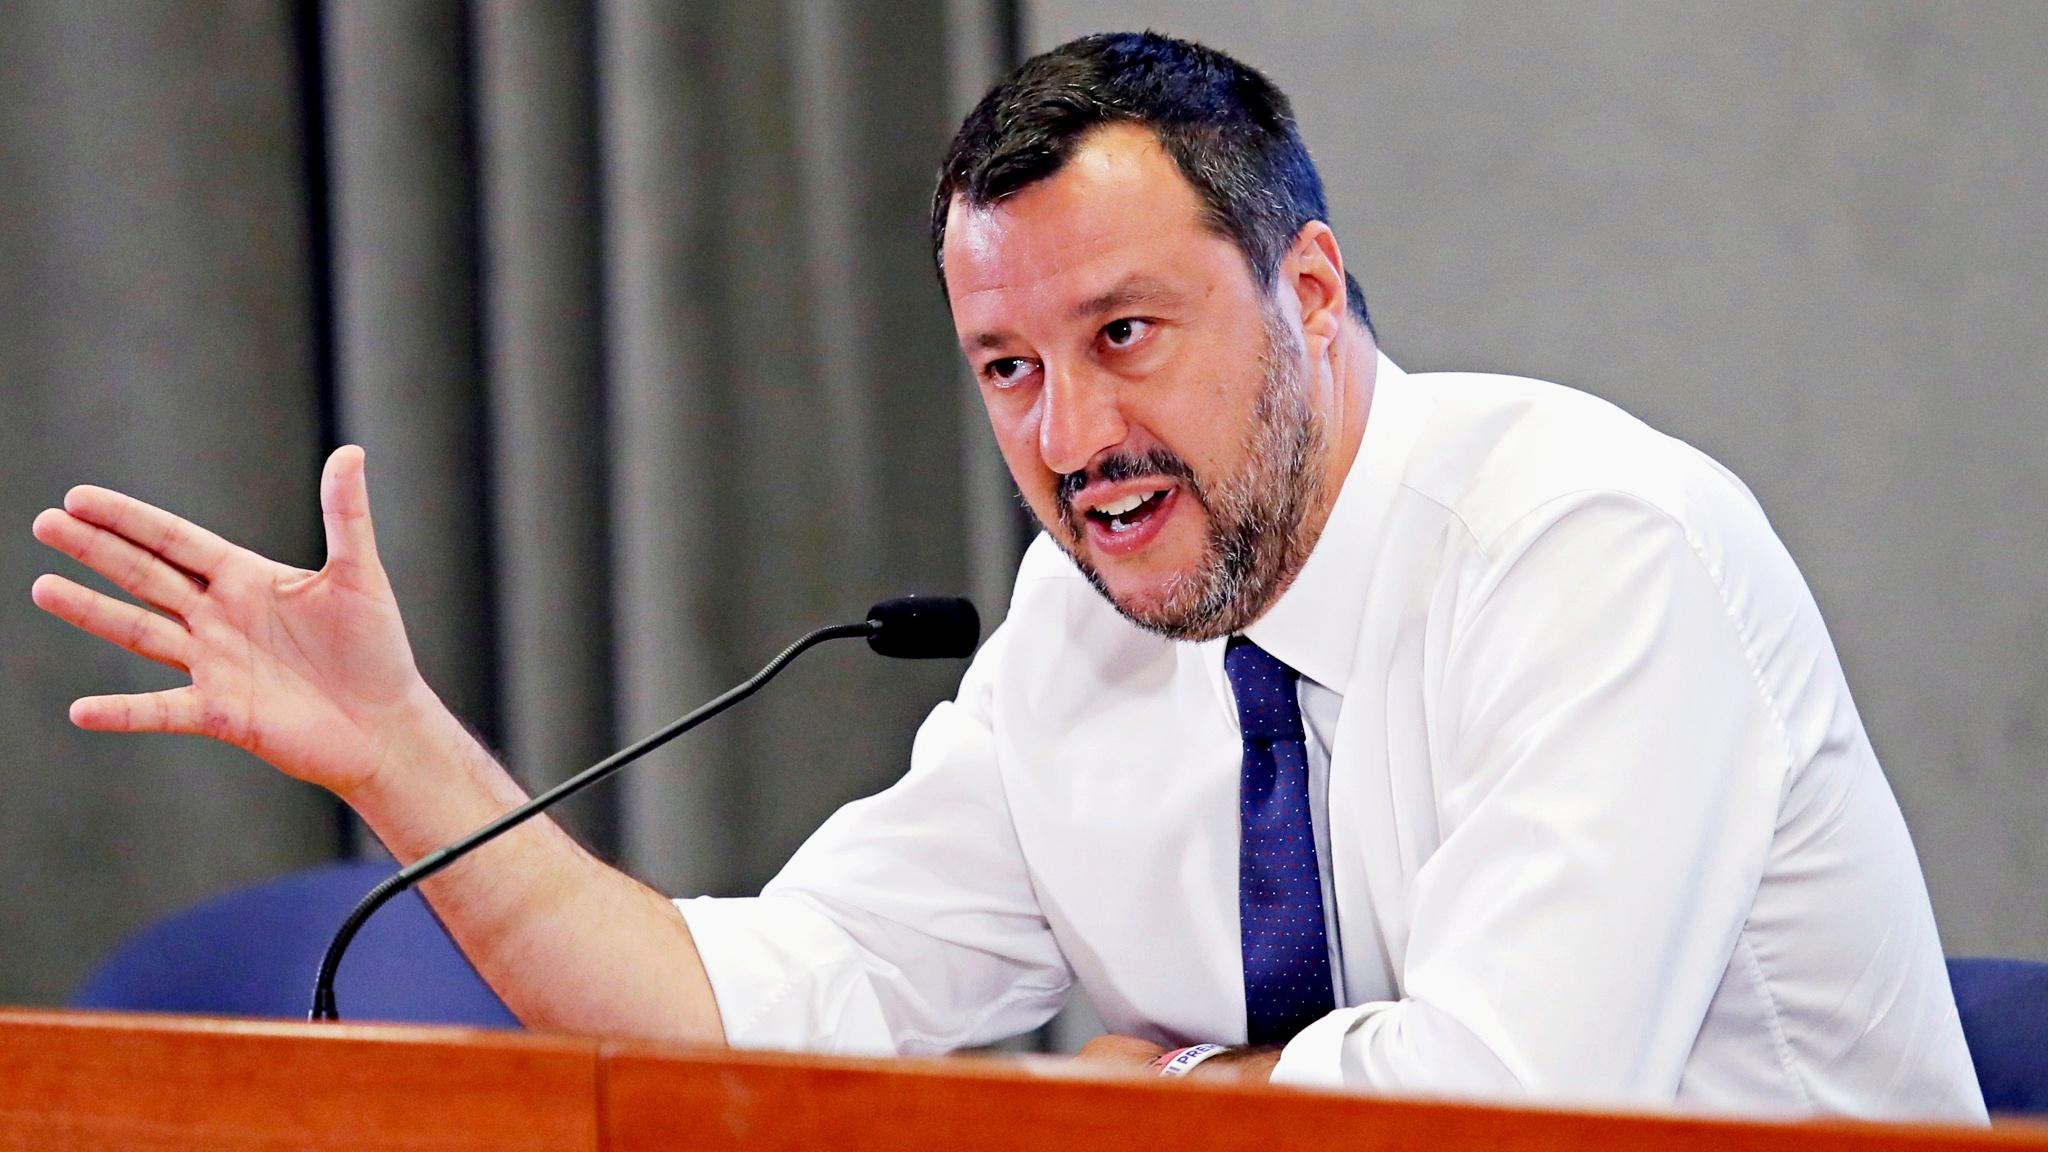 Abuso di potere, Tribunale dei ministri accusa Salvini